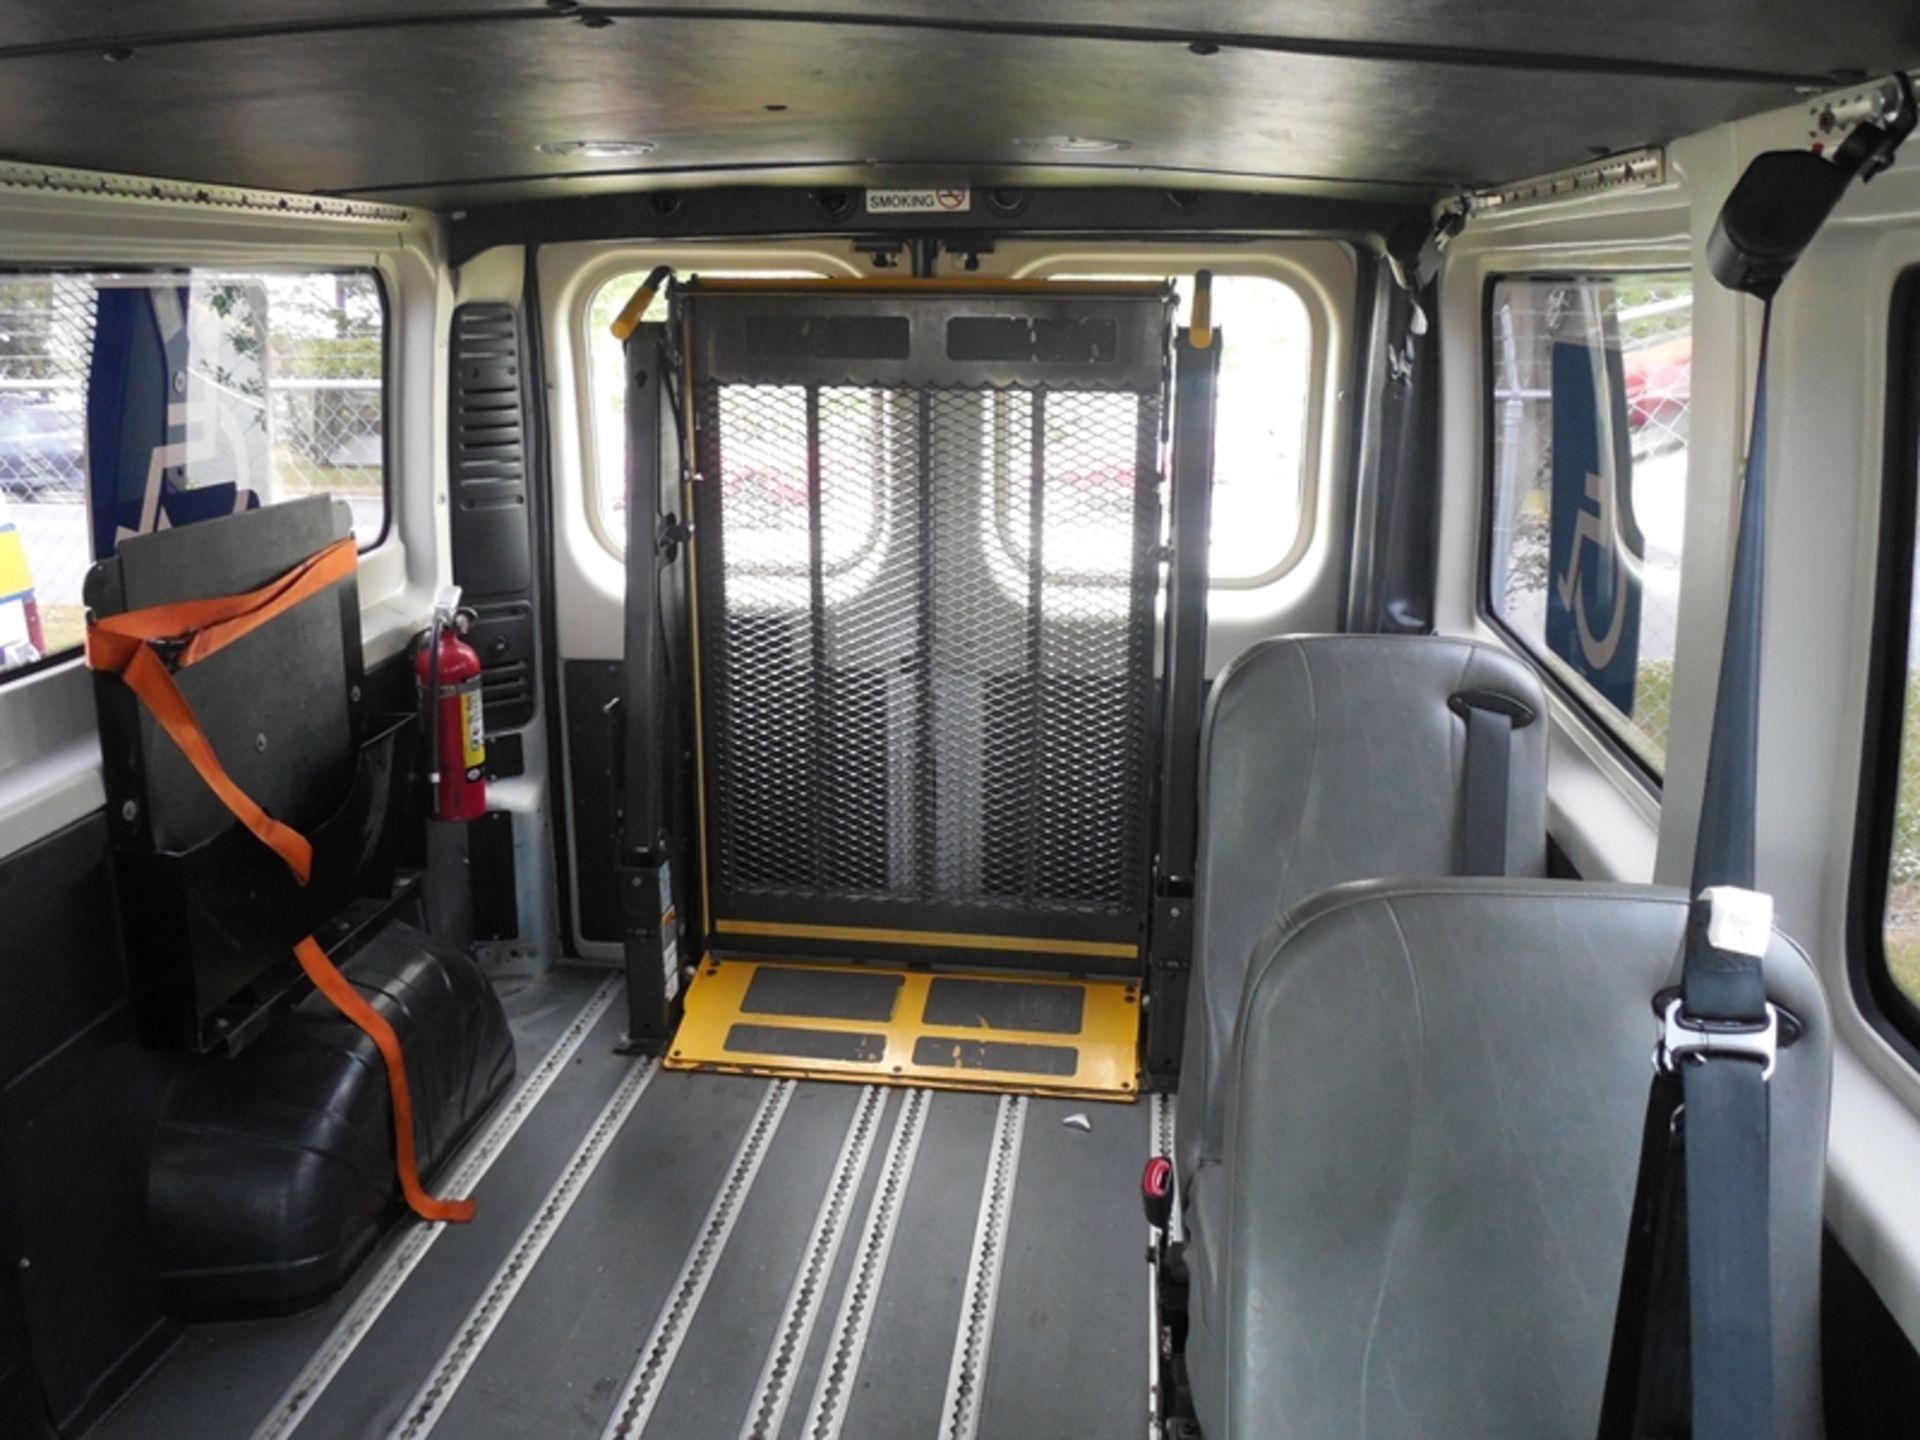 2014 Dodge Promaster wheel chair van - Image 6 of 6